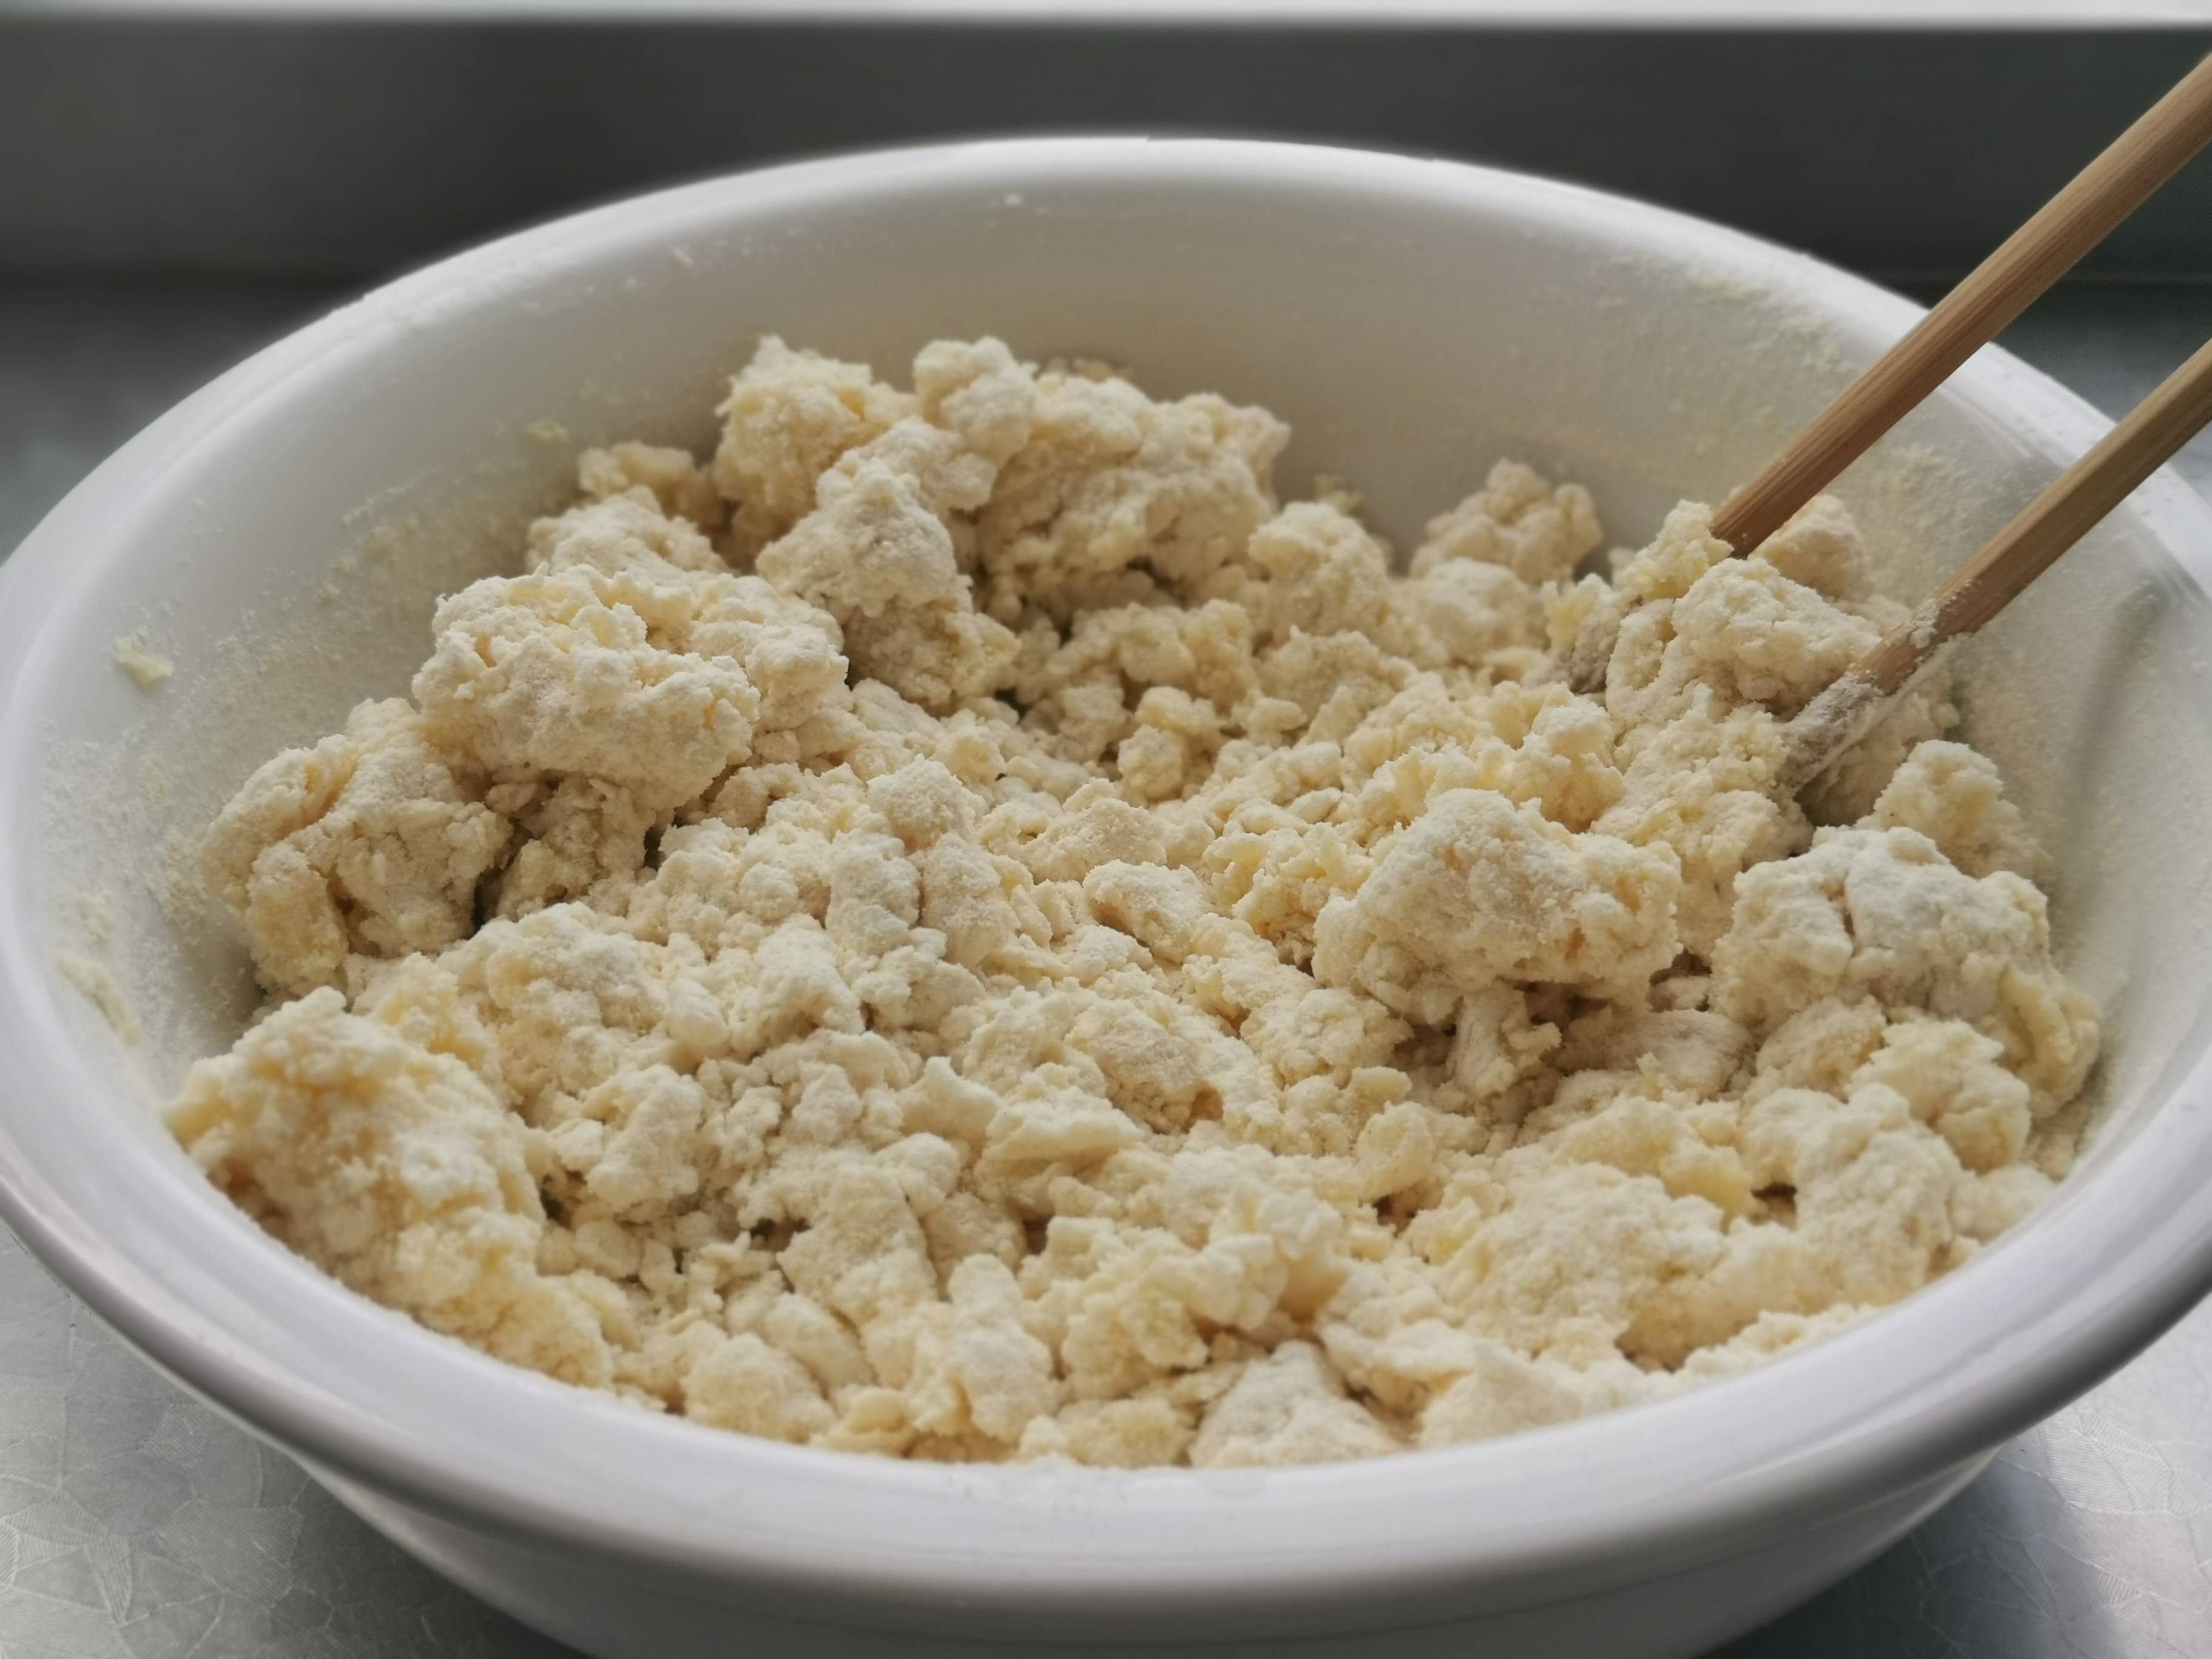 烫面蟹粉蒸饺的步骤